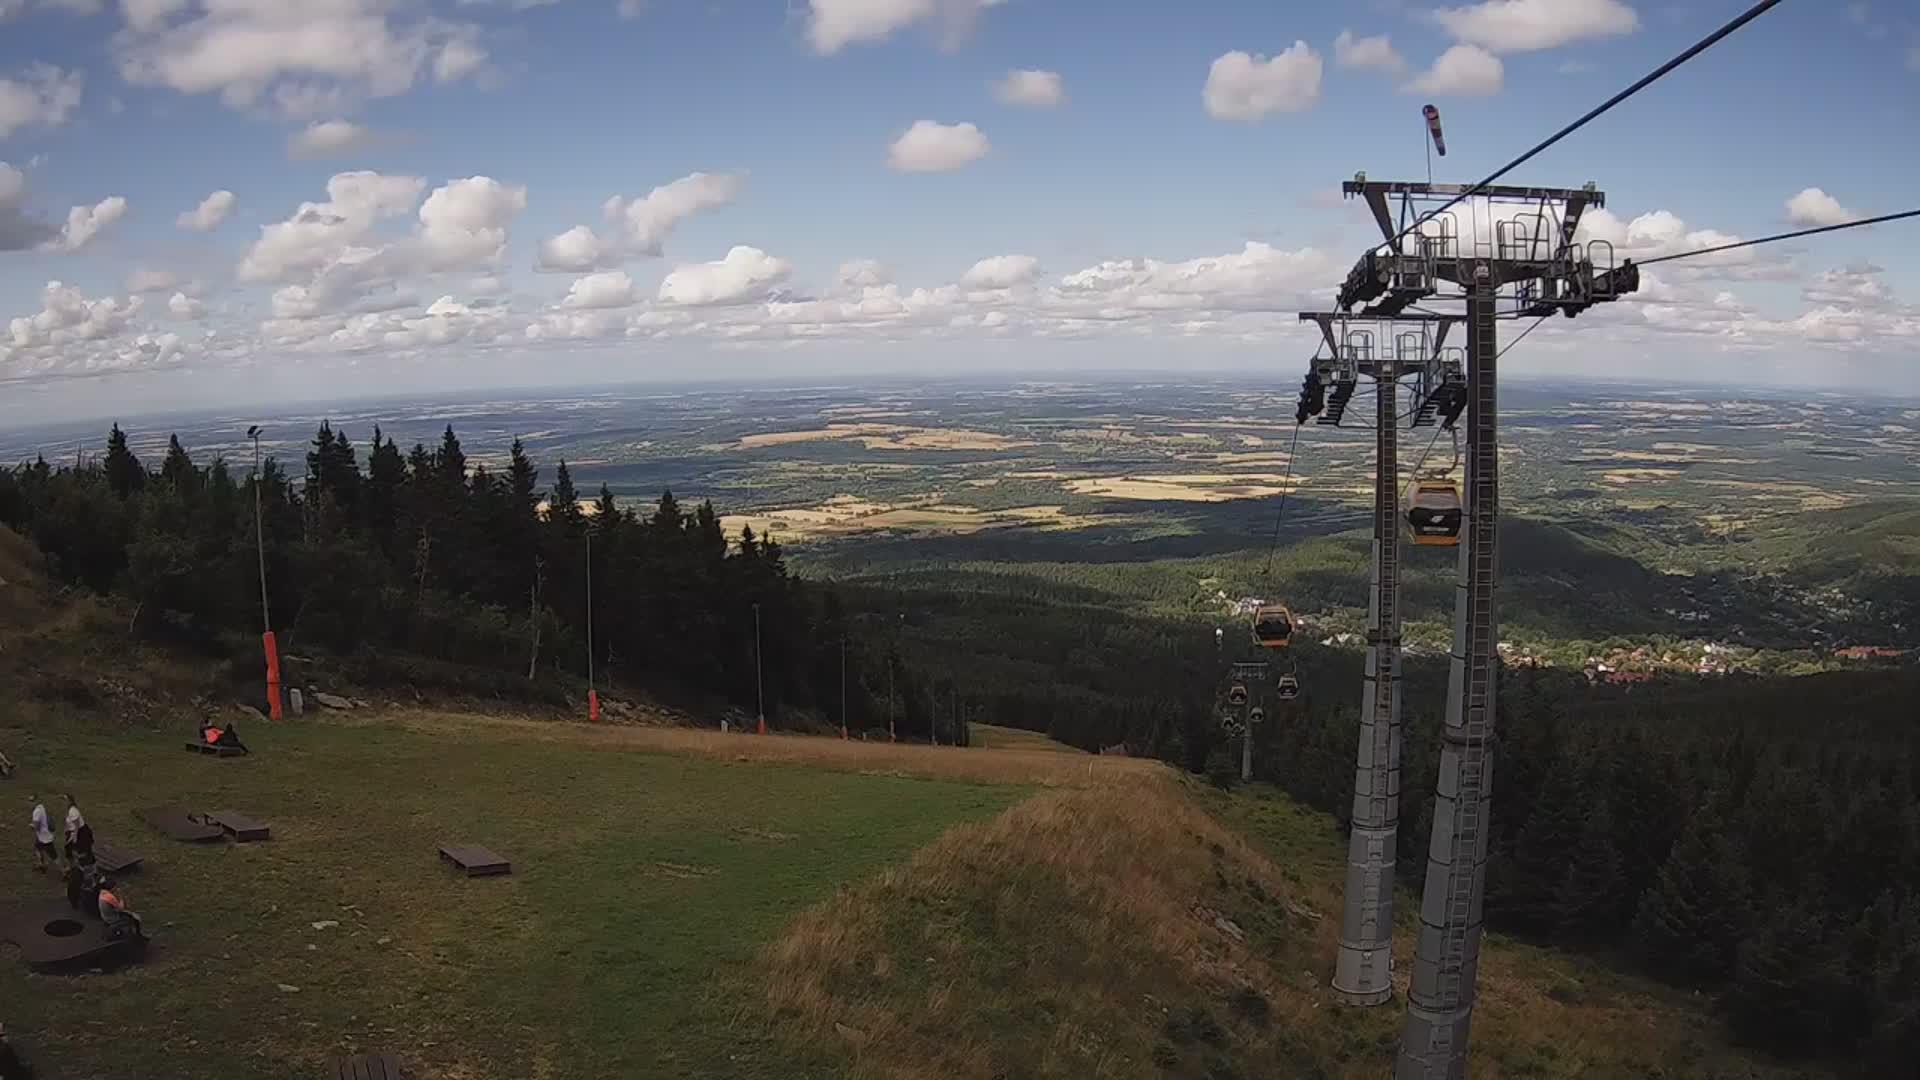 Webcam Skigebied Swieradow Zdroj cam 2 - IJzergebergte